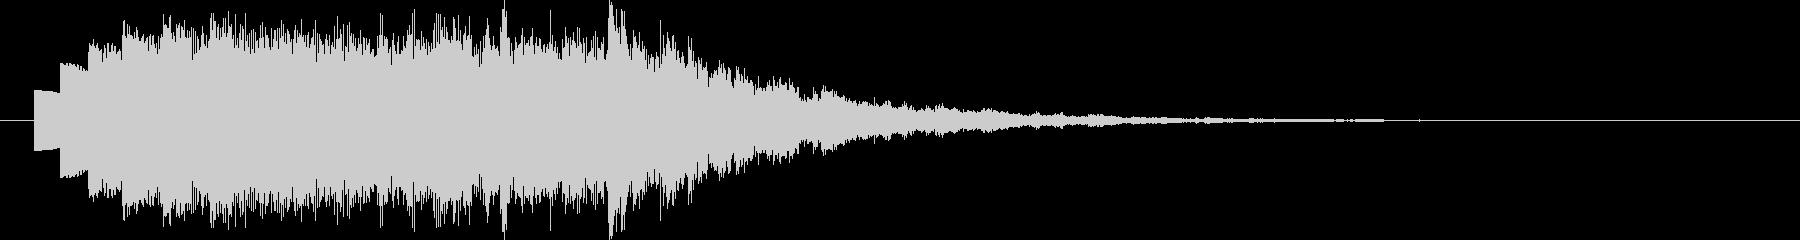 KANT アプリジングル12212の未再生の波形